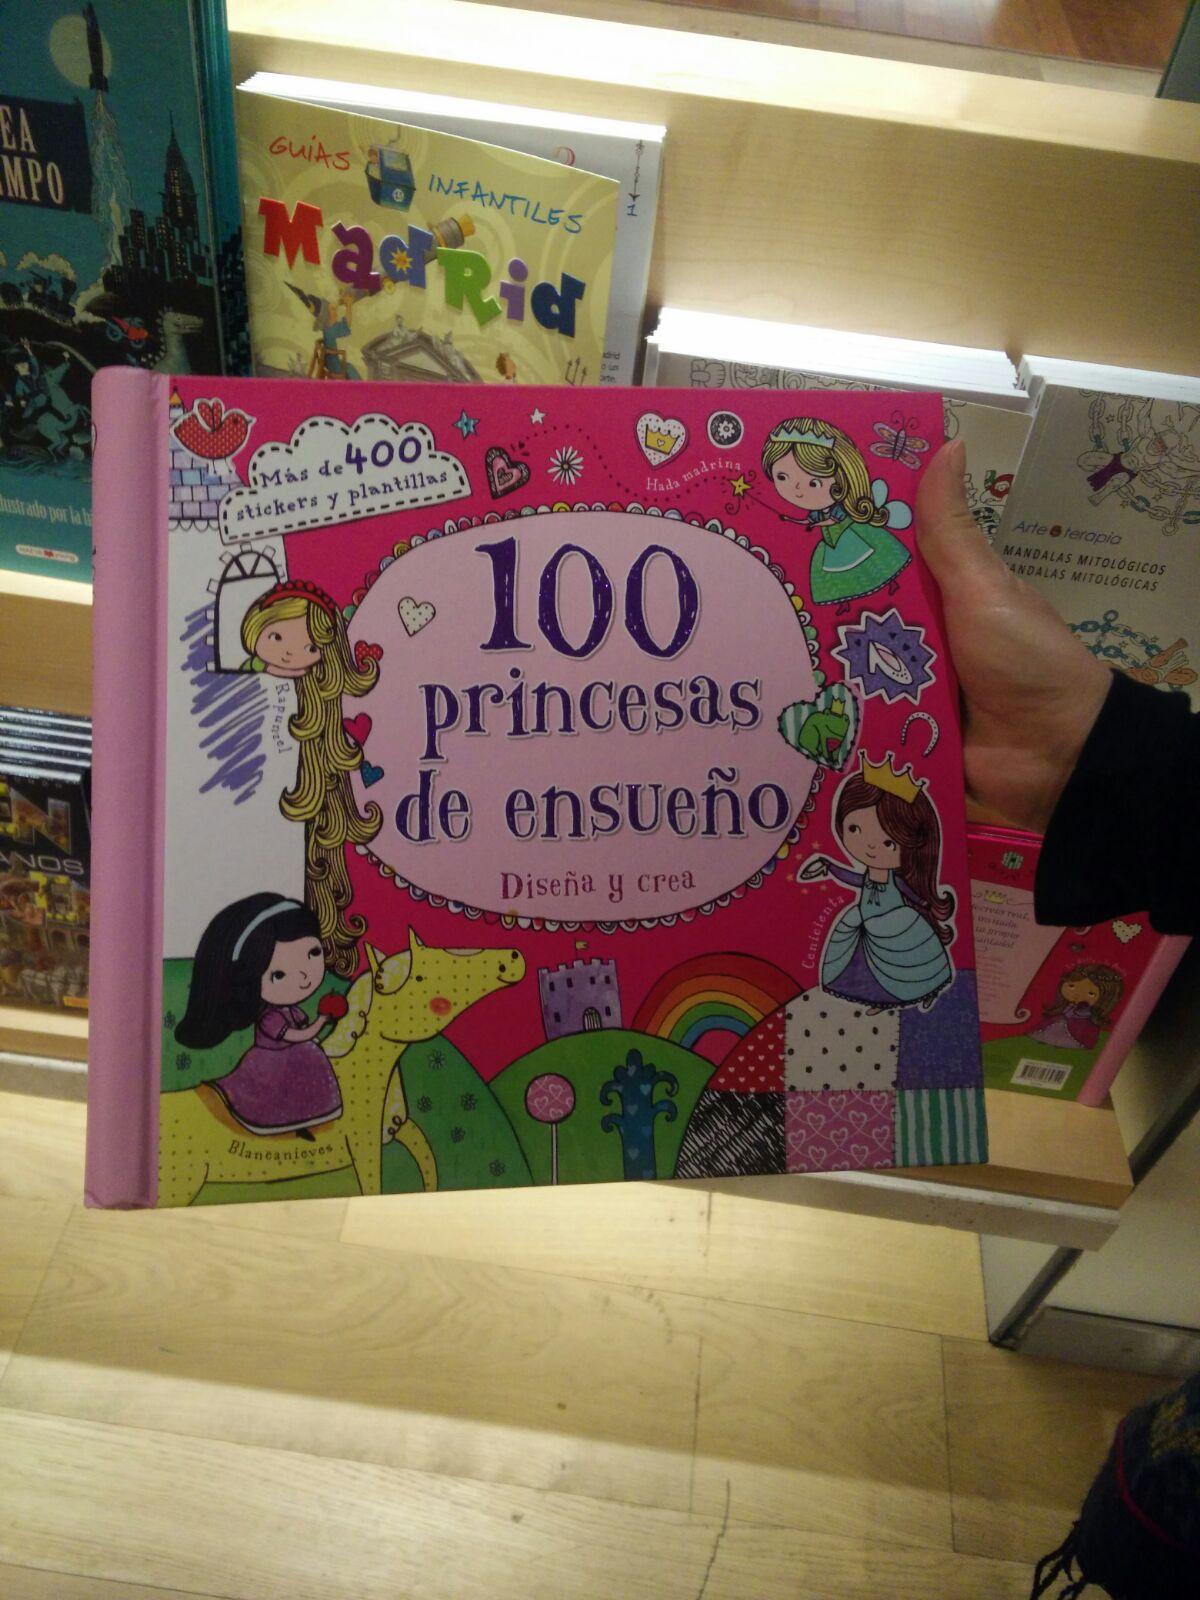 100 princesas de ensueño